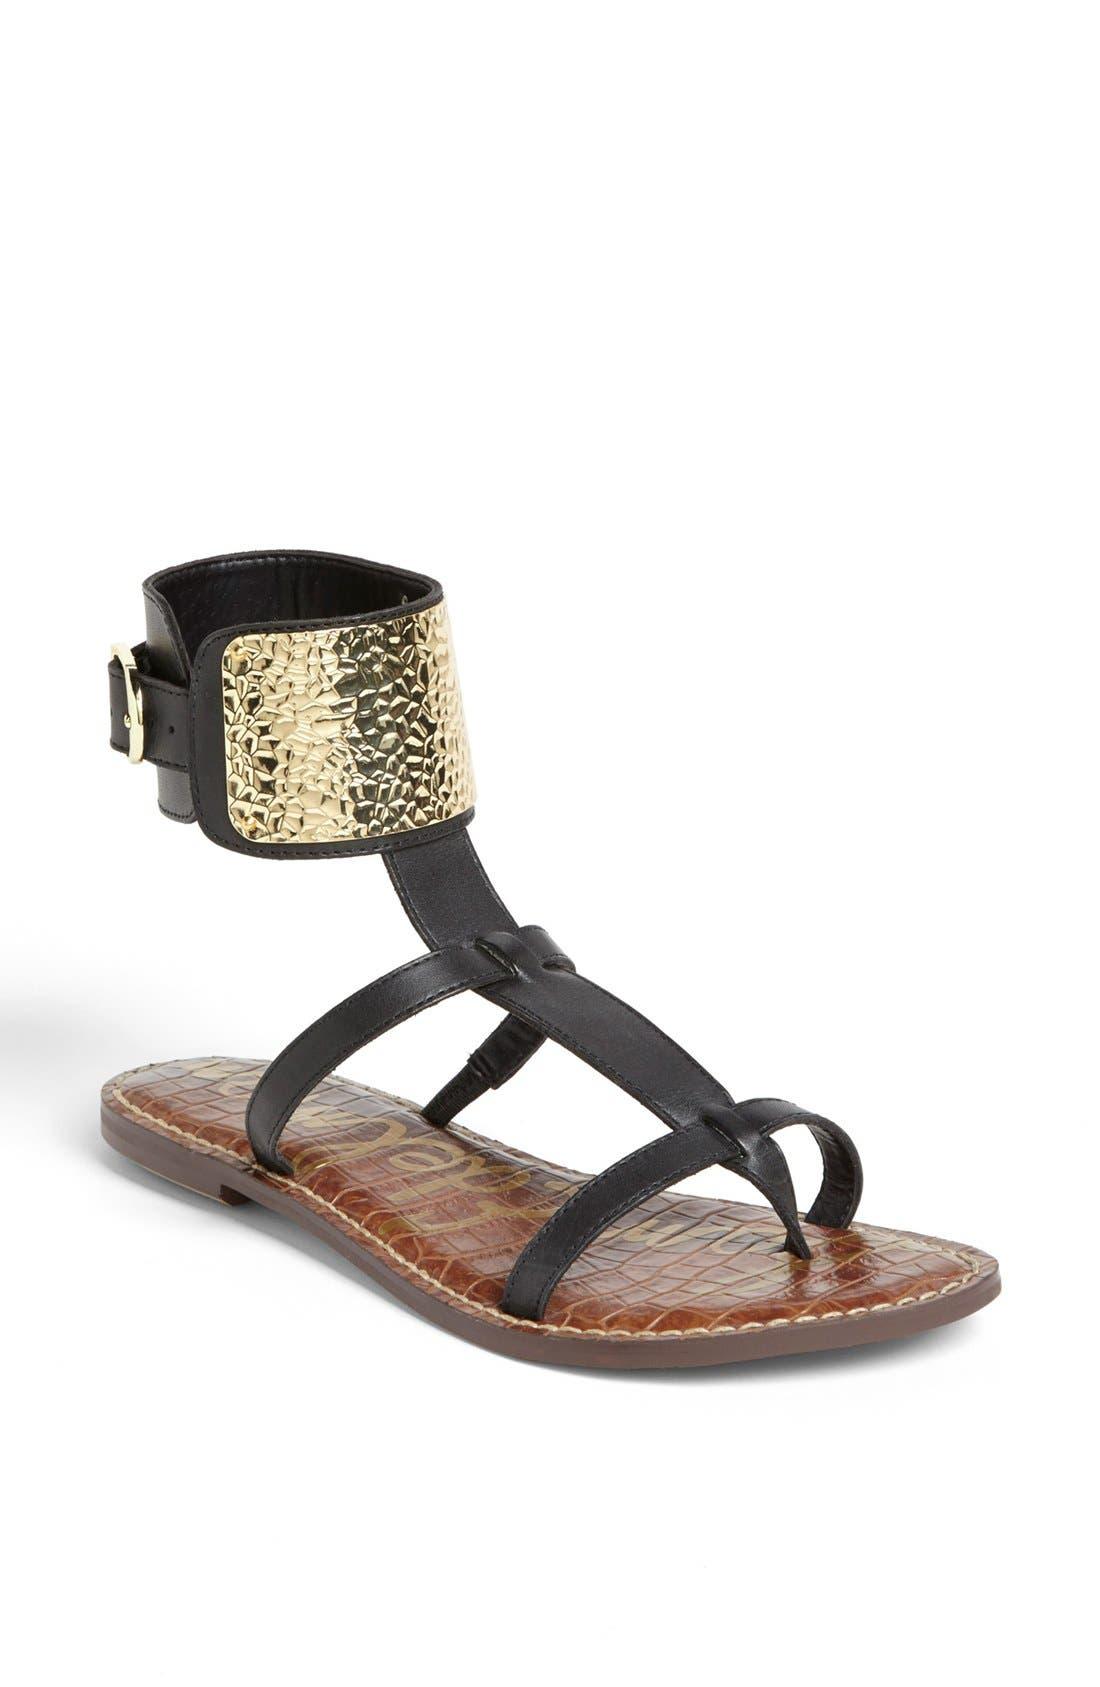 Alternate Image 1 Selected - Sam Edelman 'Genette' Sandal